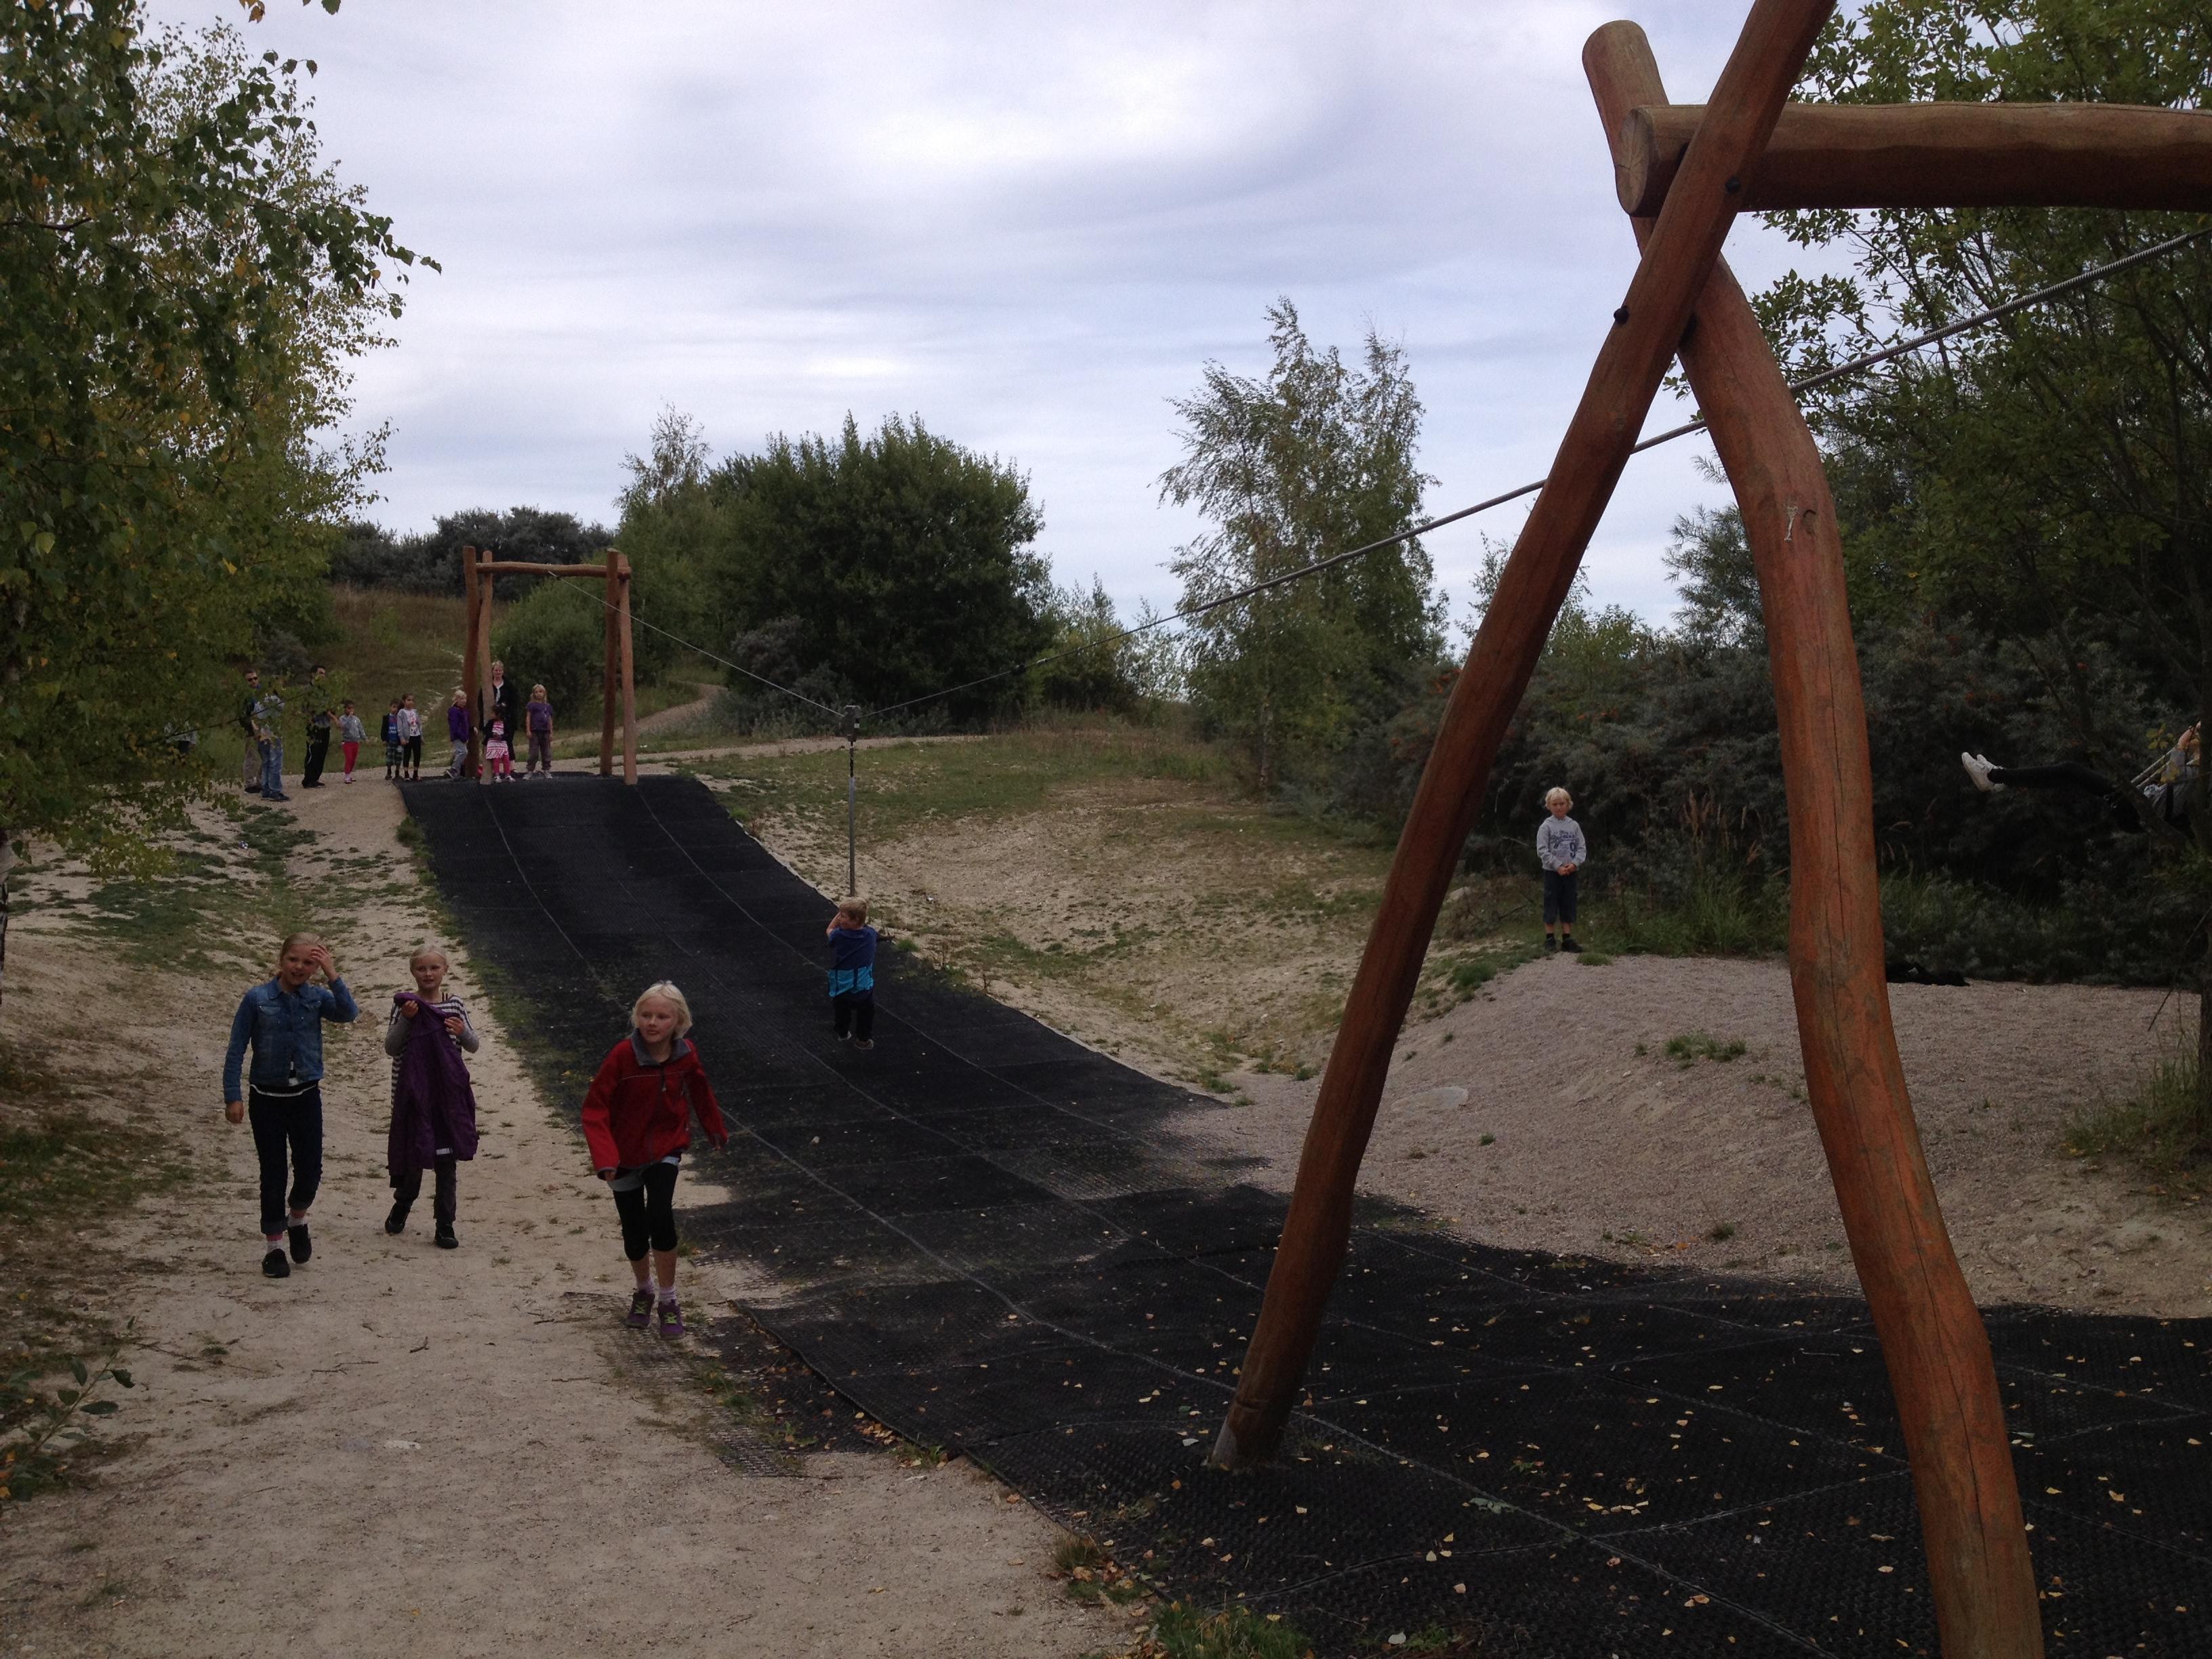 Hedelands Naturlegeplads Naturlegeplads I 4000 Roskilde Sjælland